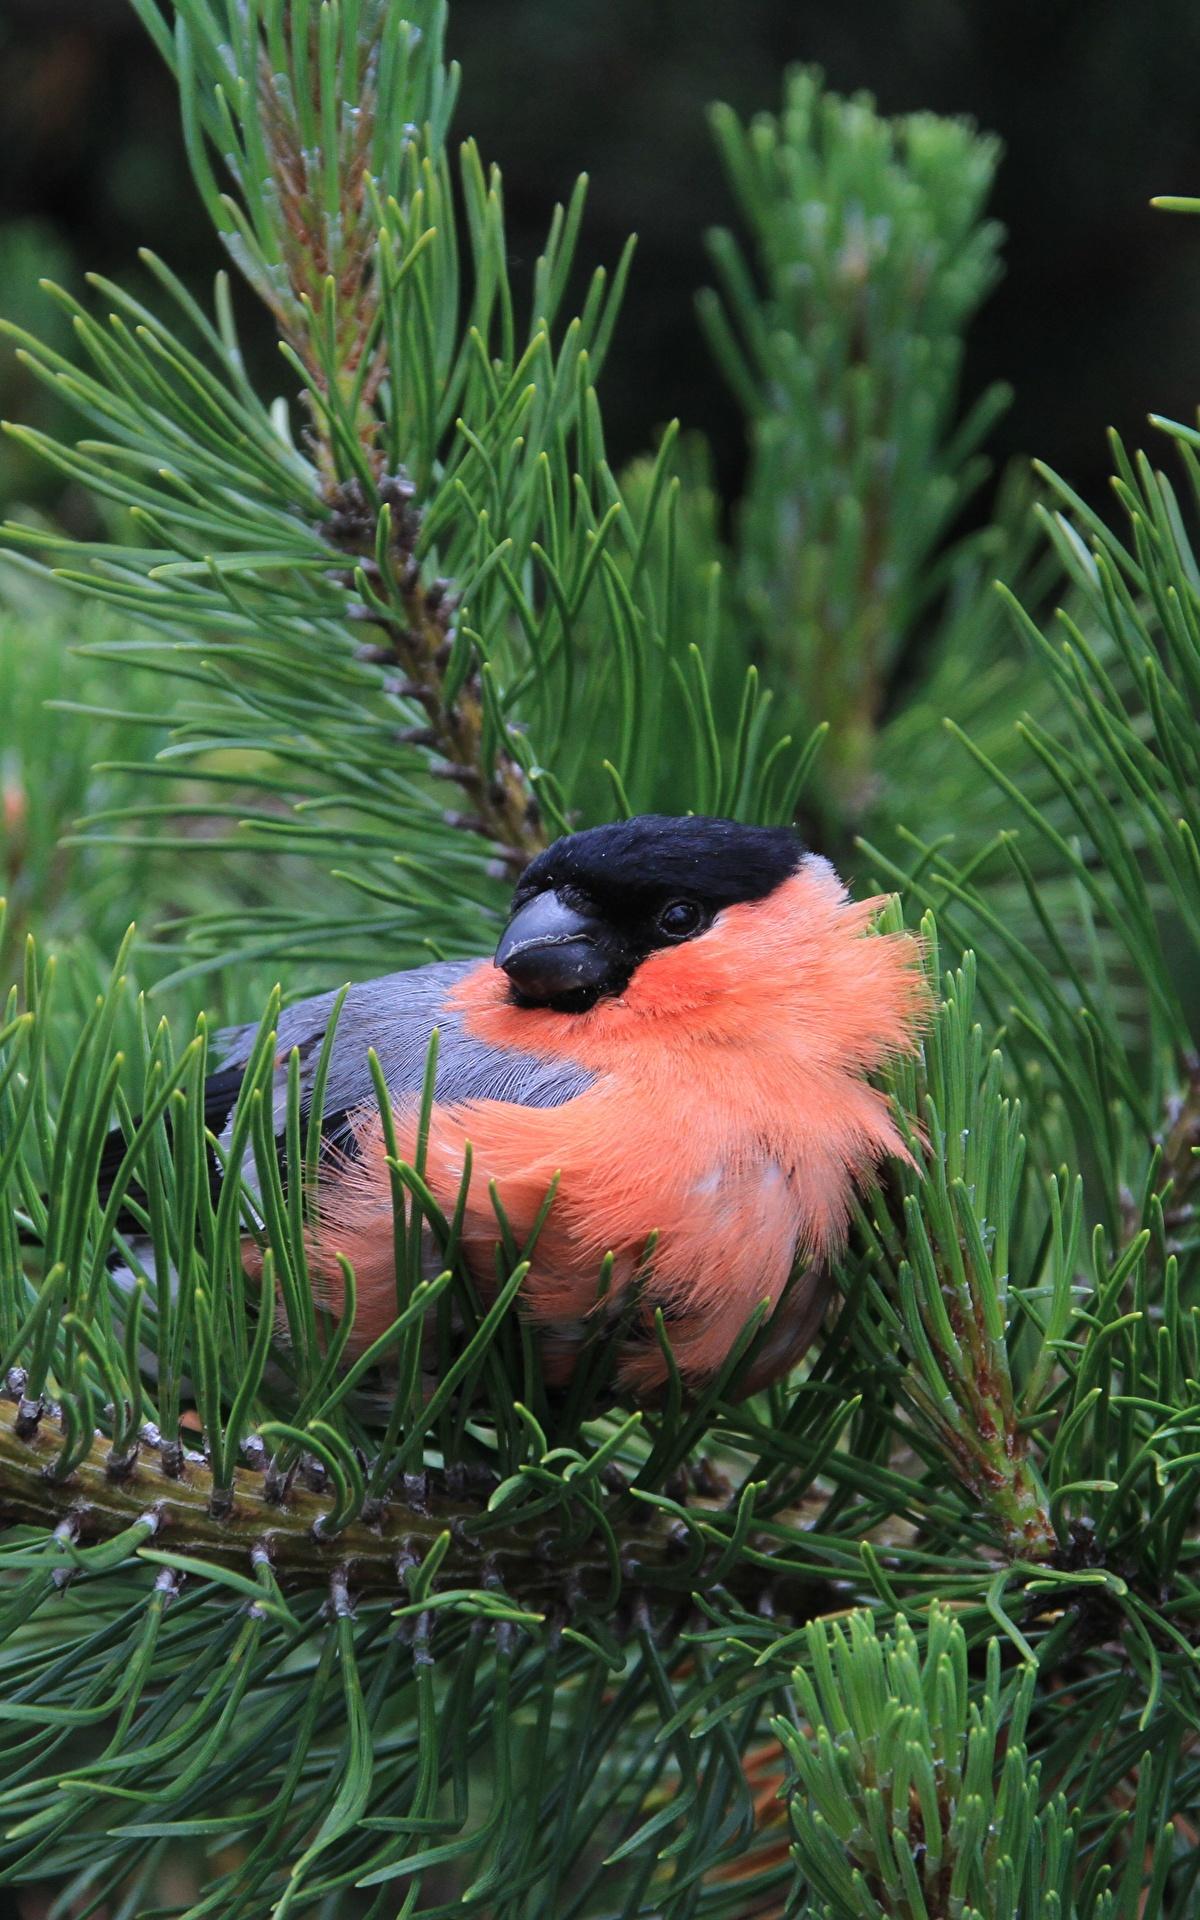 Fotos von Gimpel Vögel Fichten Ast Tiere Großansicht 1200x1920